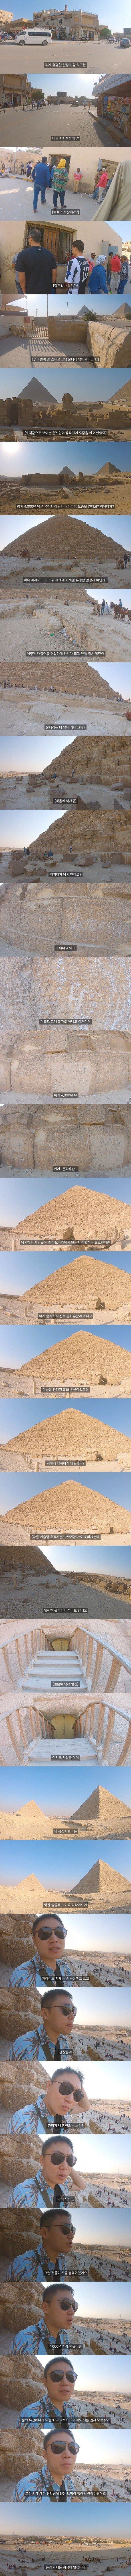 이집트에 피라미드 구경갔다 깜놀한 유튜버....JPG